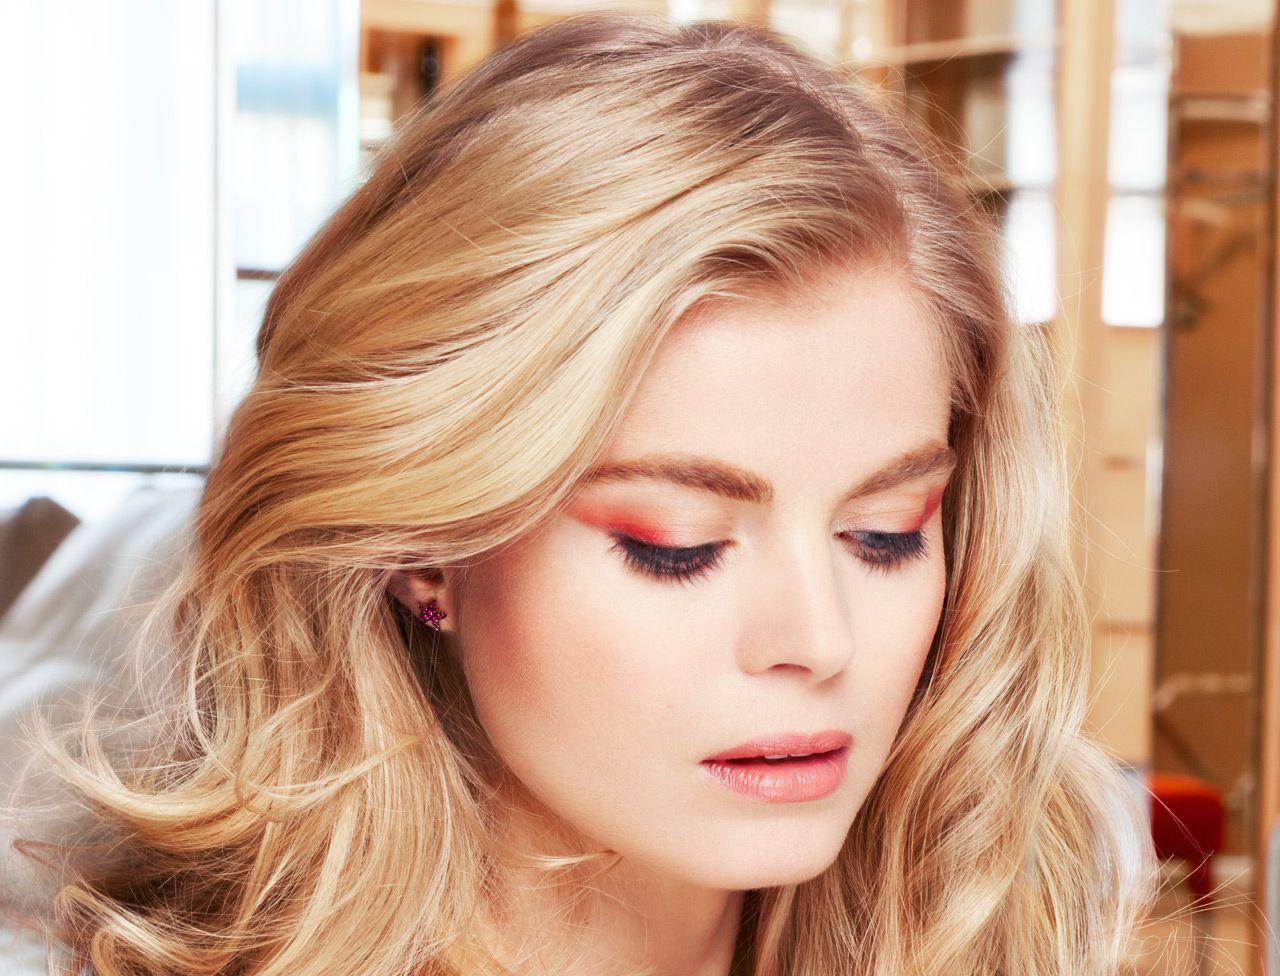 Adoptez ce halo orangé très facile à réaliser ! Un maquillage graphique, qui oppose les couleurs chaudes et froides, idéal pour les yeux claires. Lancez-vous...